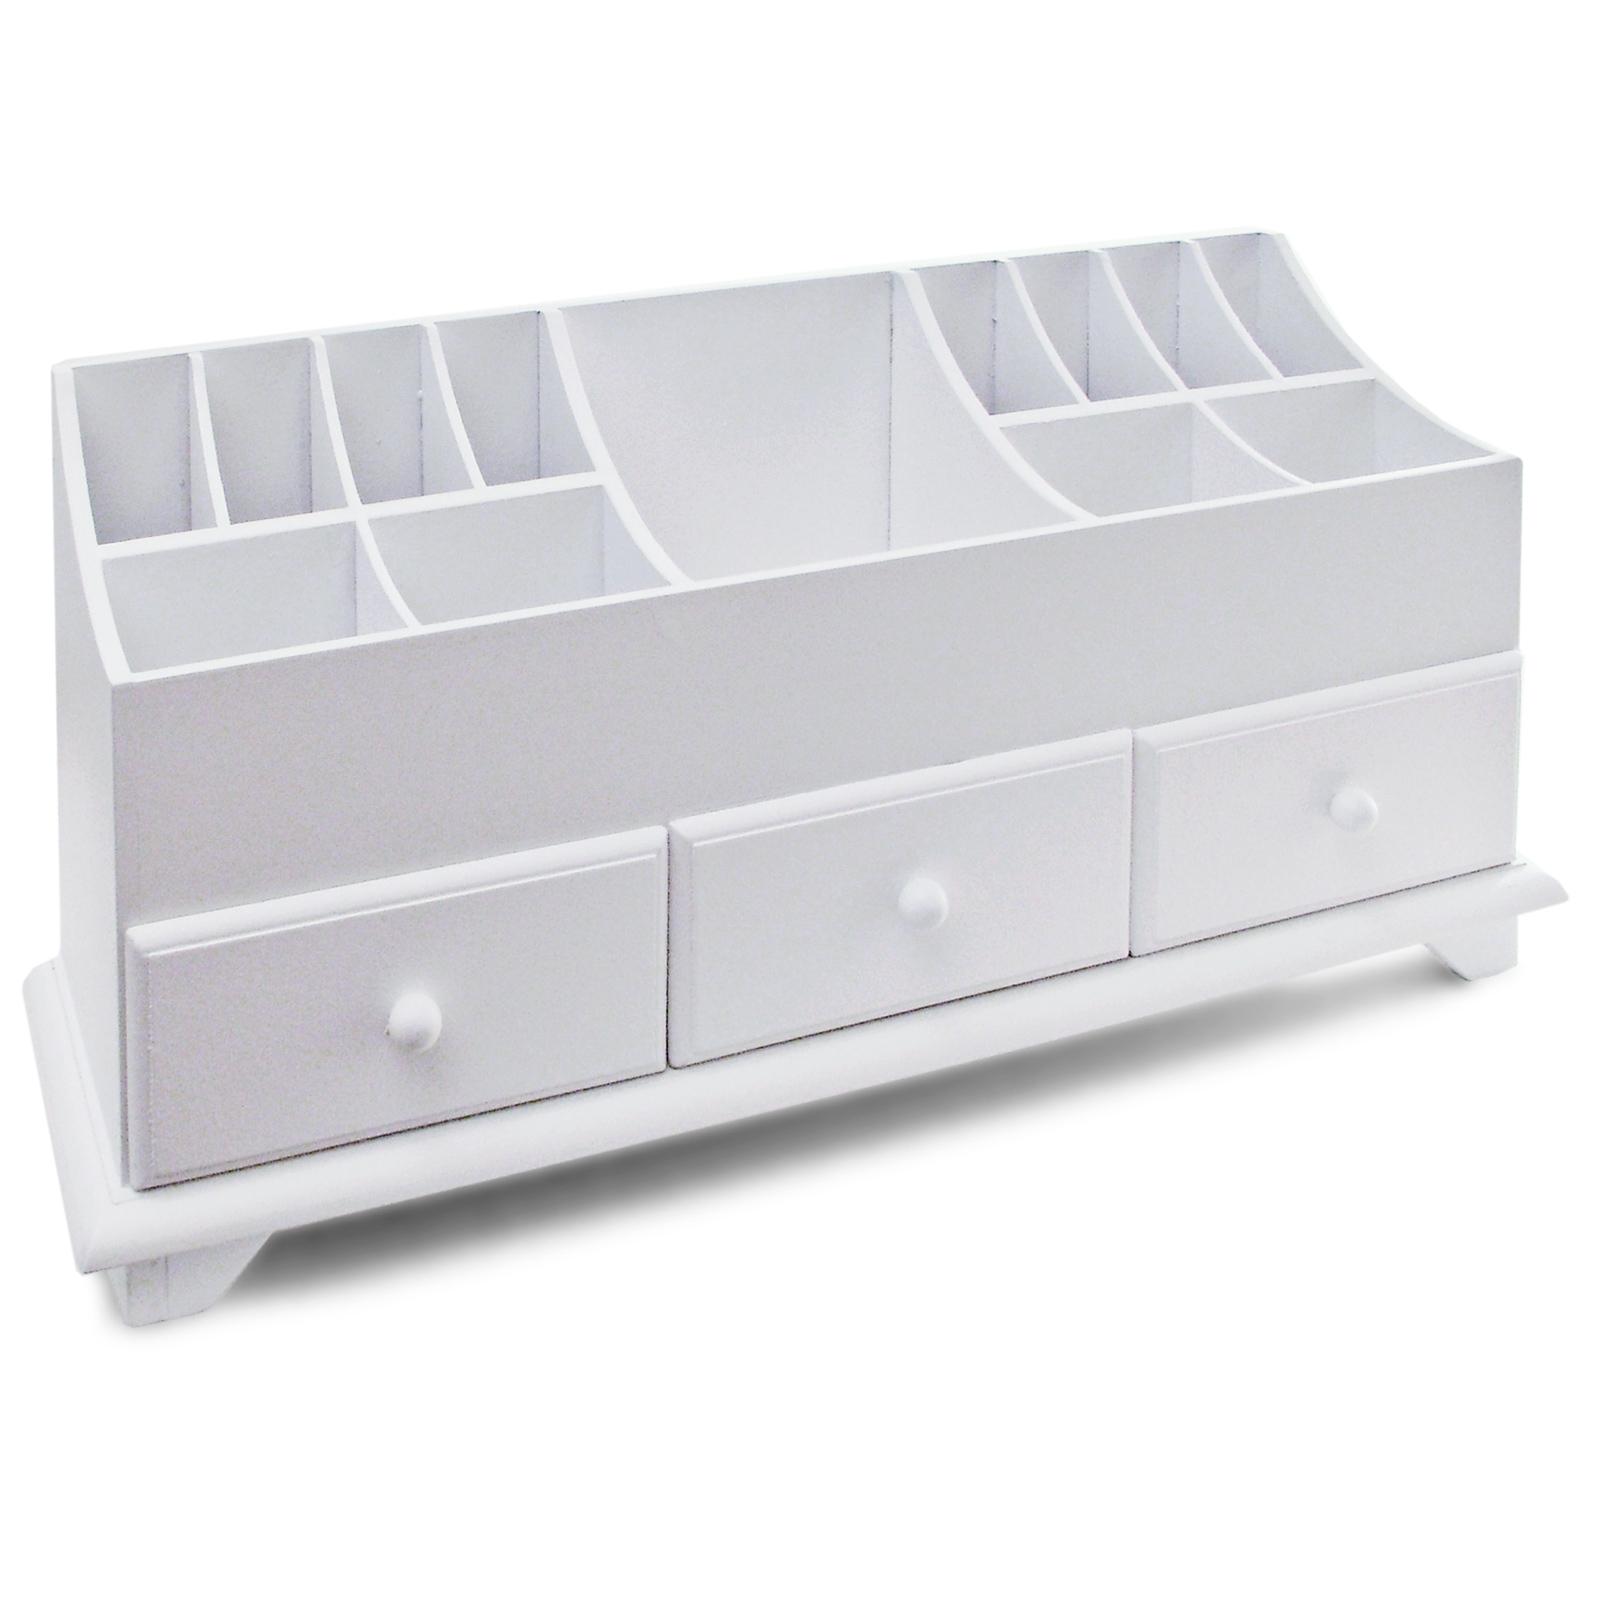 holz schreibtisch ordnungshilfe stifthalter schubladen. Black Bedroom Furniture Sets. Home Design Ideas